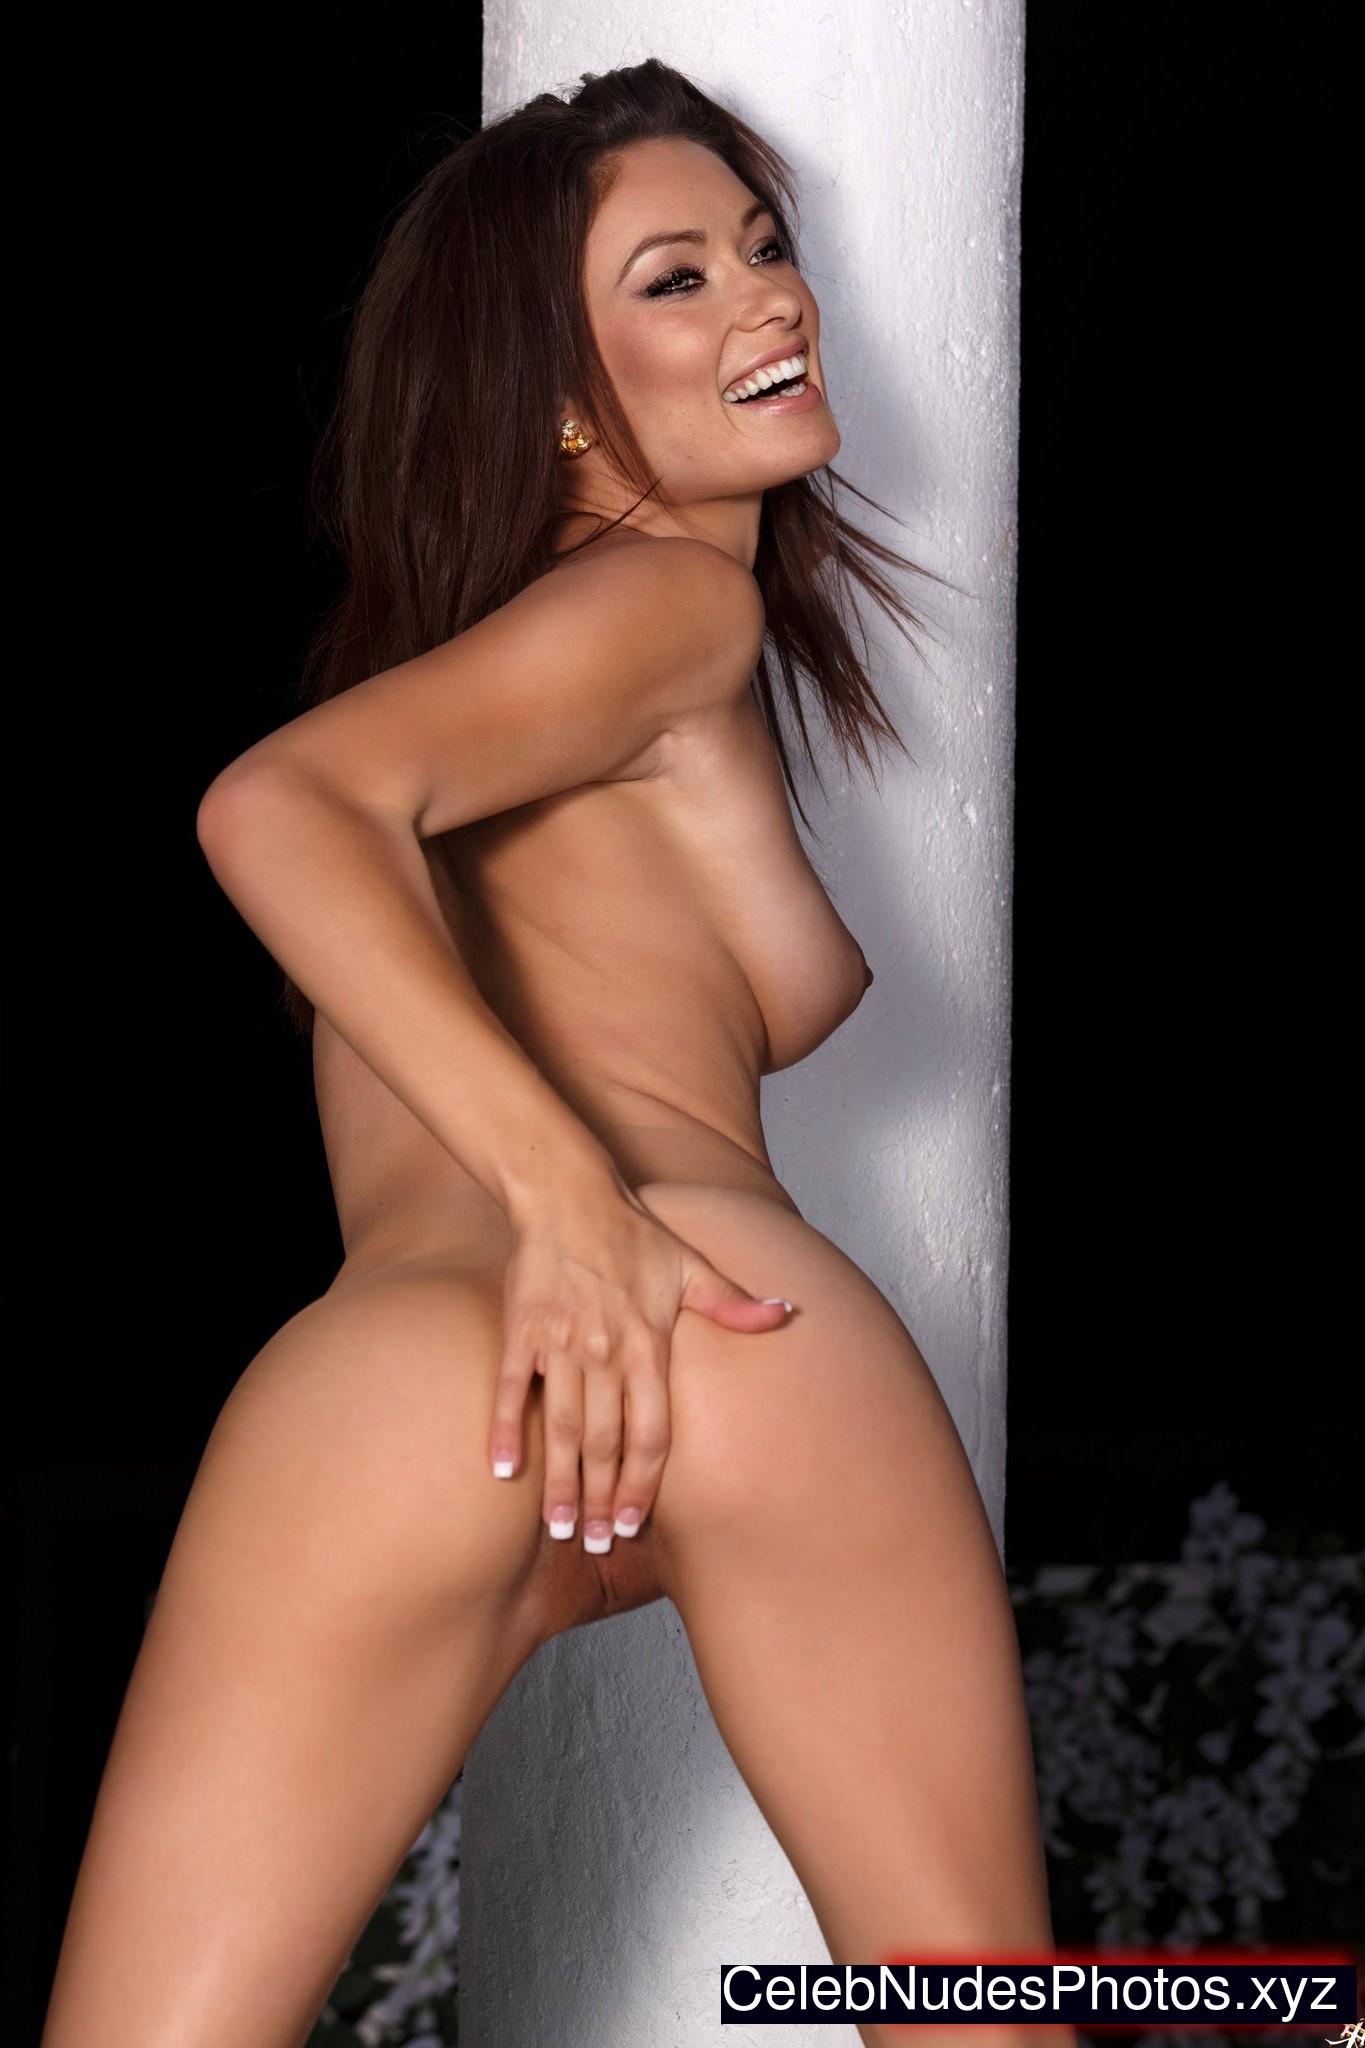 Olivia Wilde celebrity nudes